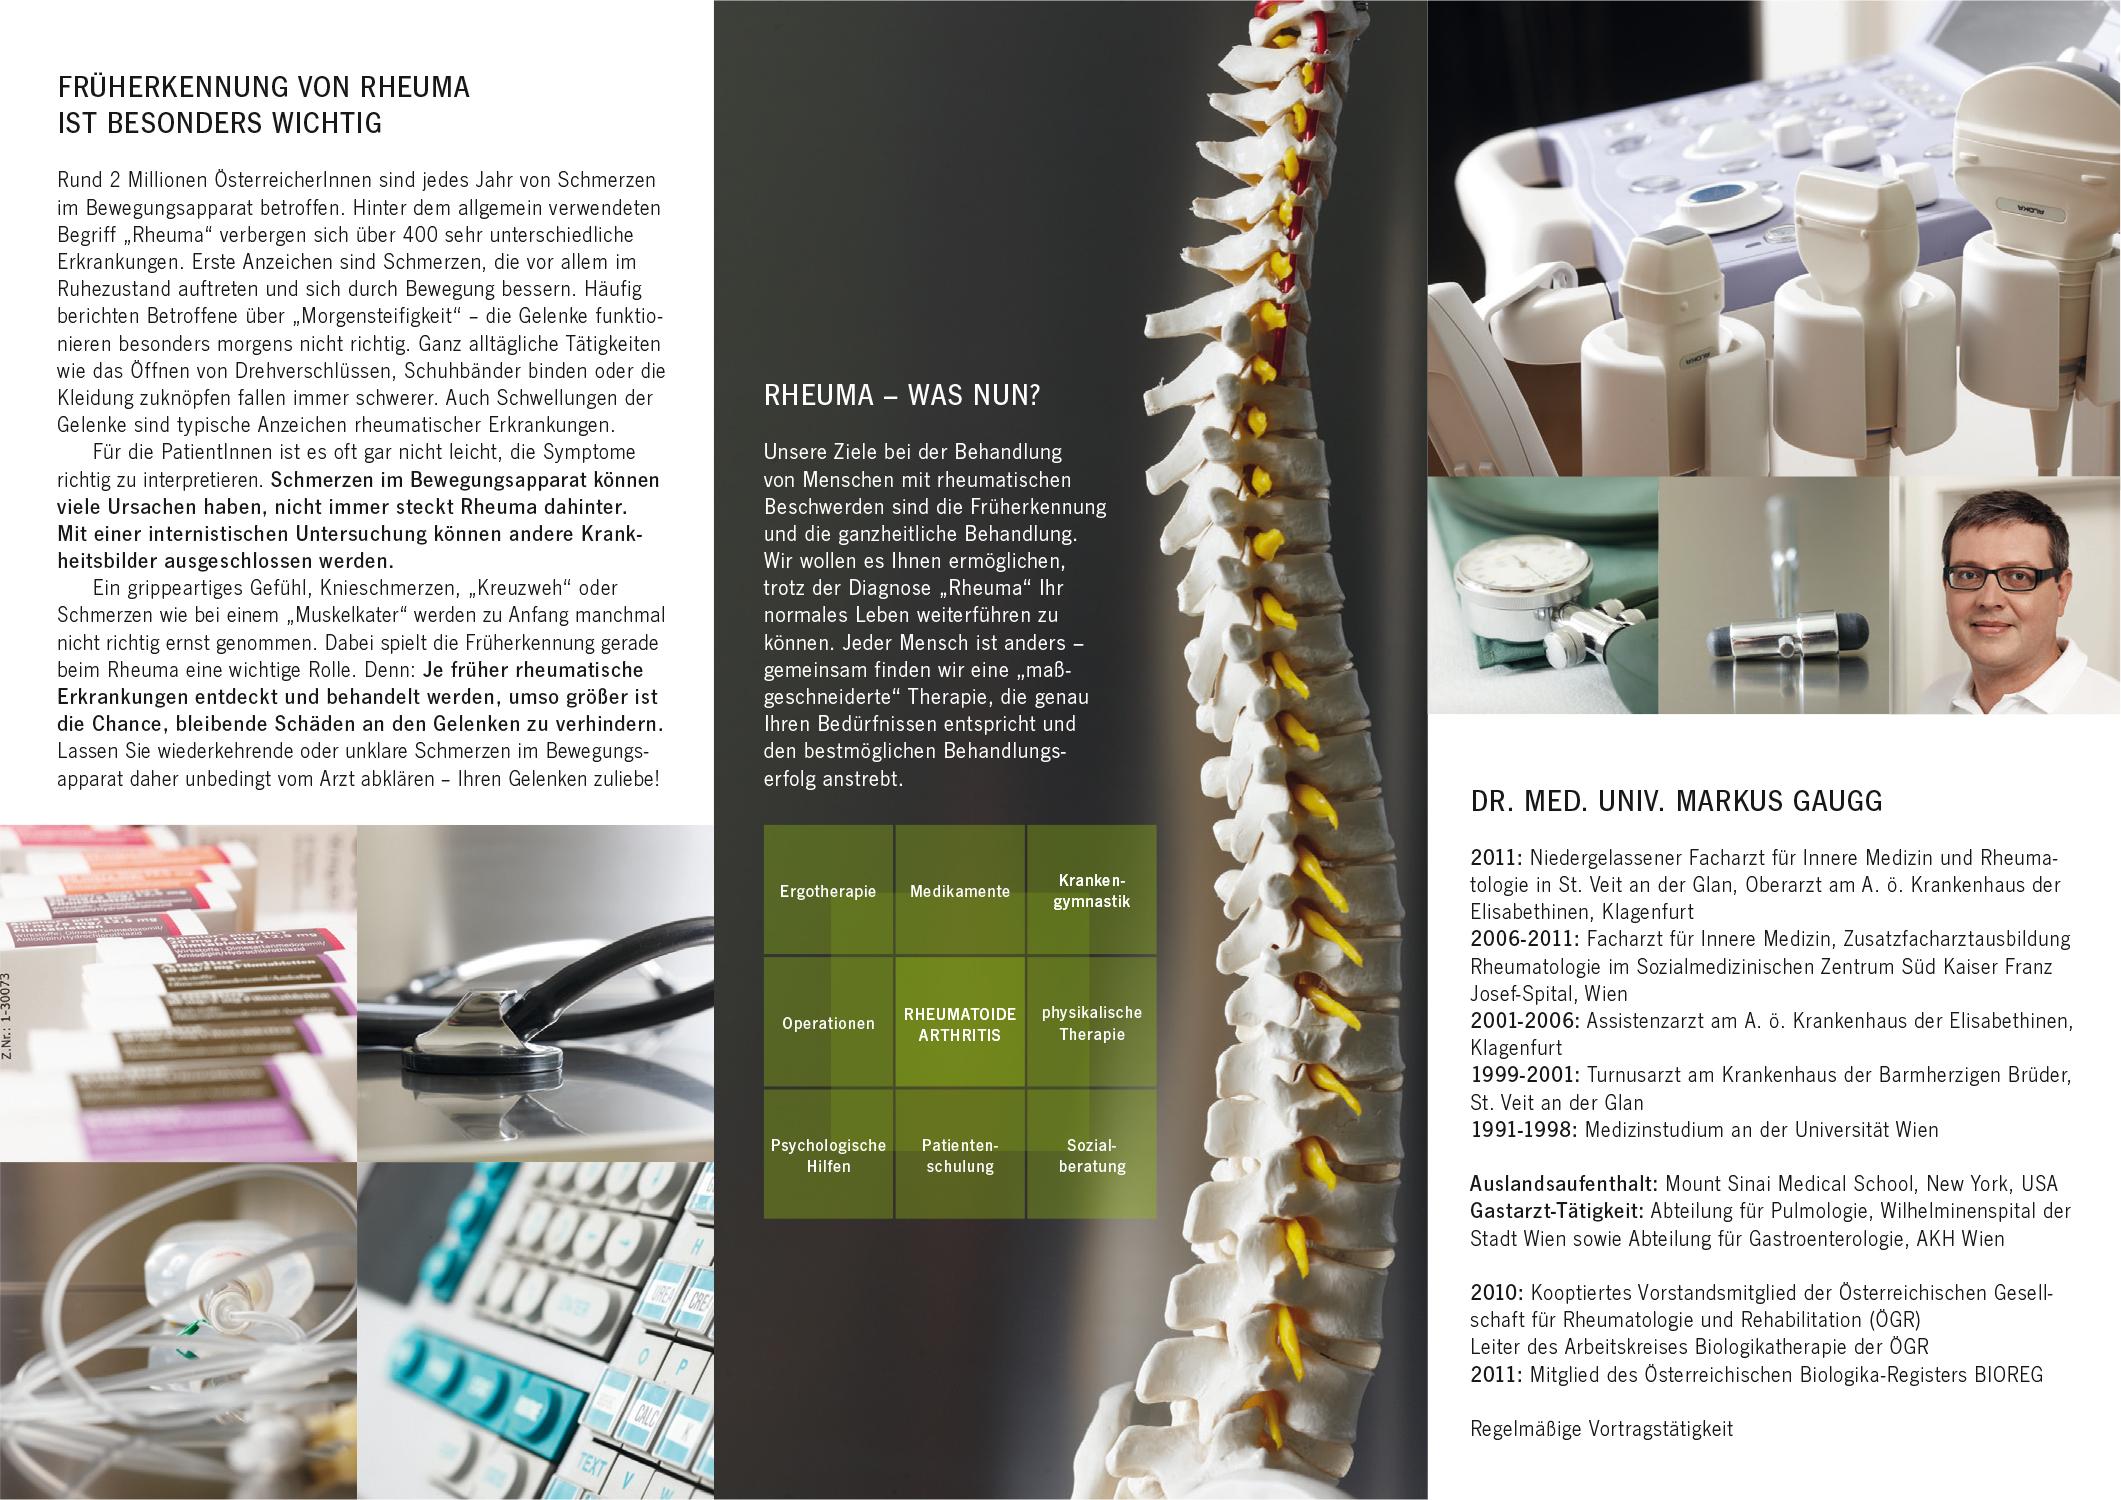 BOSS Grafik | Dr Gaugg